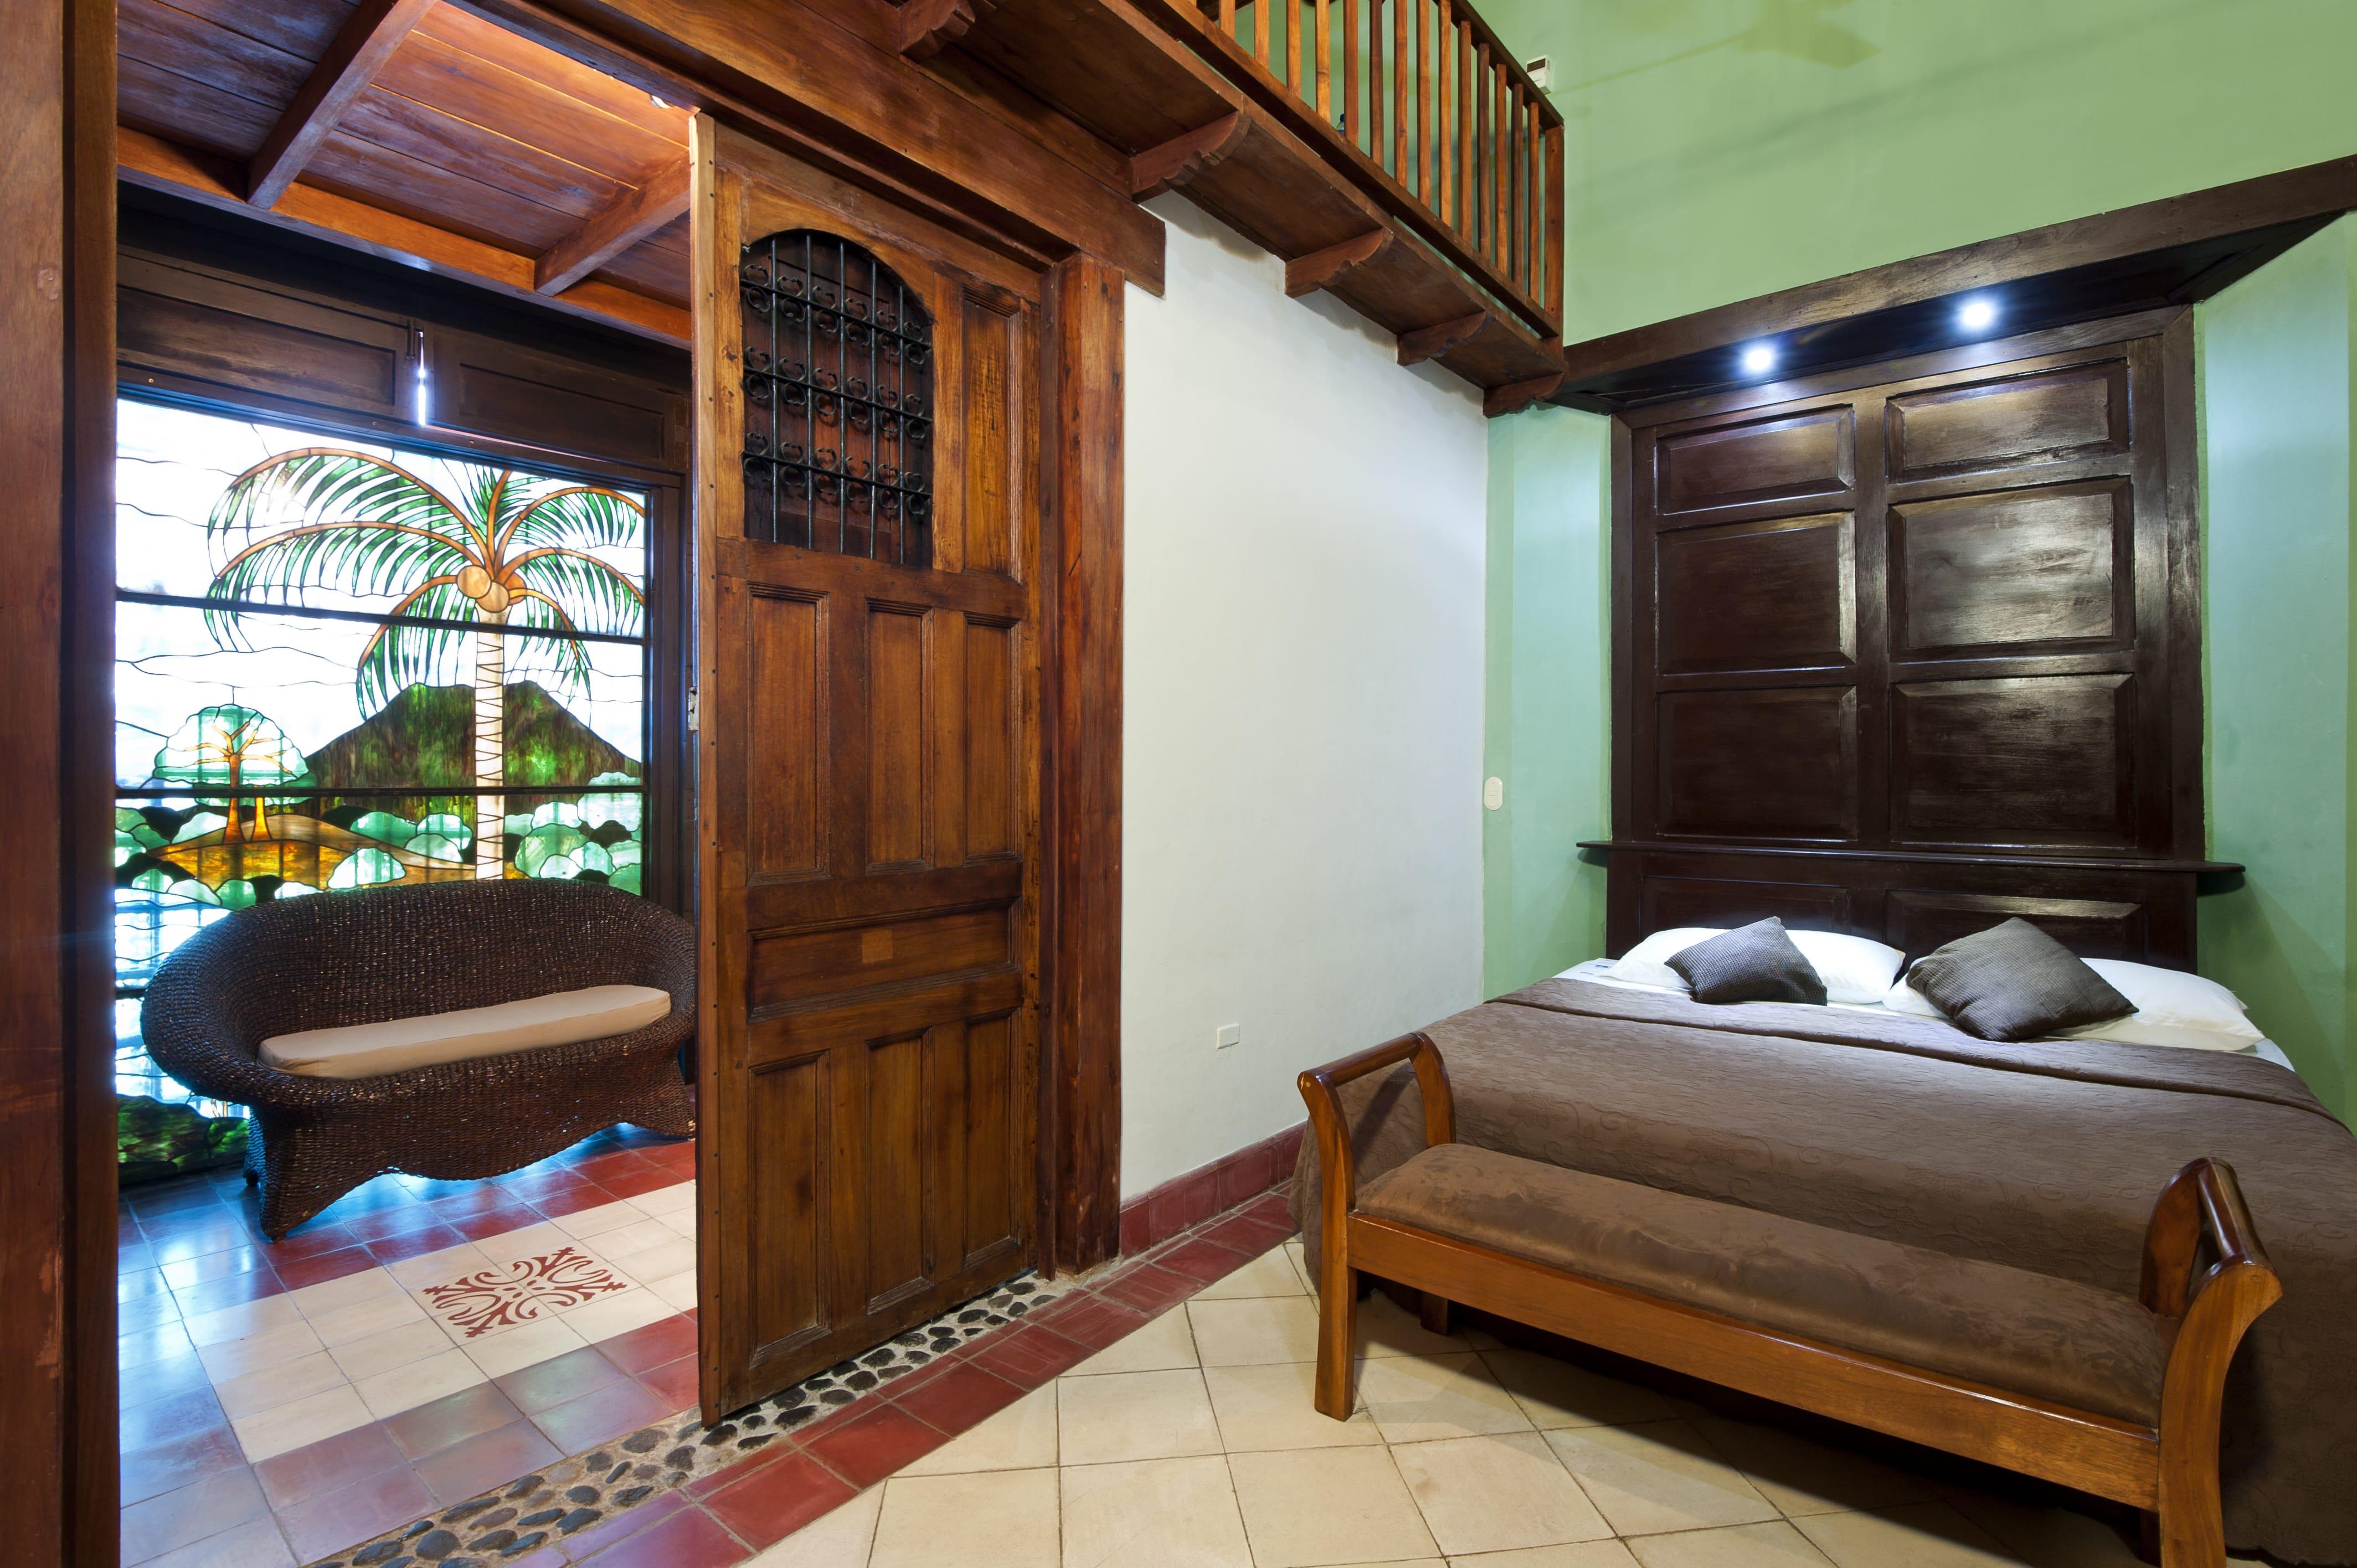 Hotel Consulado Habitacion Room